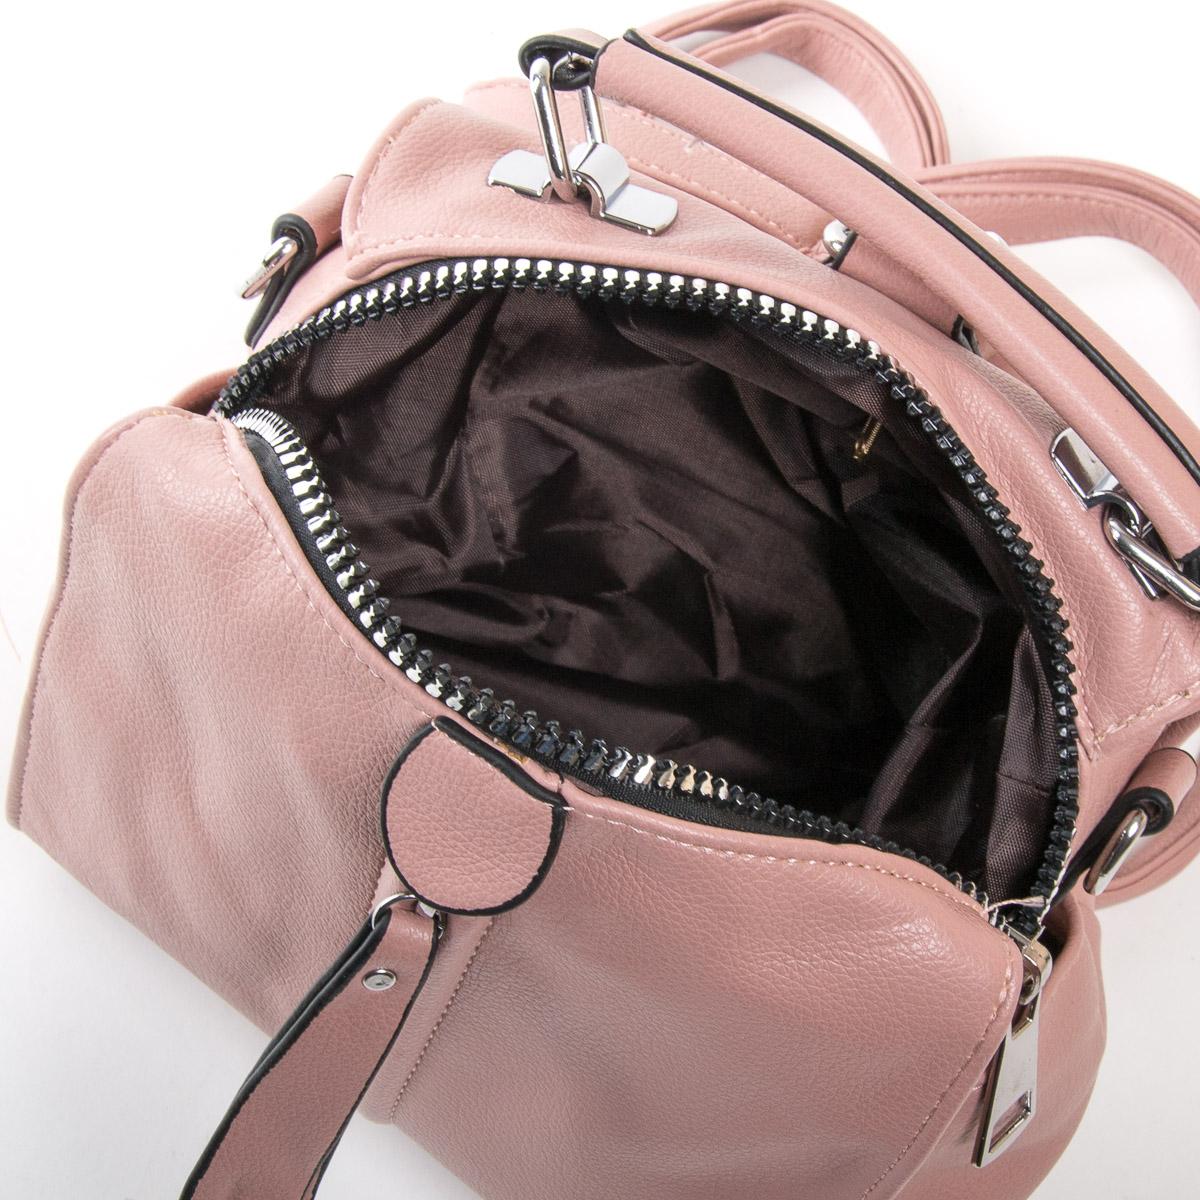 Сумка Женская Классическая иск-кожа FASHION 01-01 922 pink - фото 5